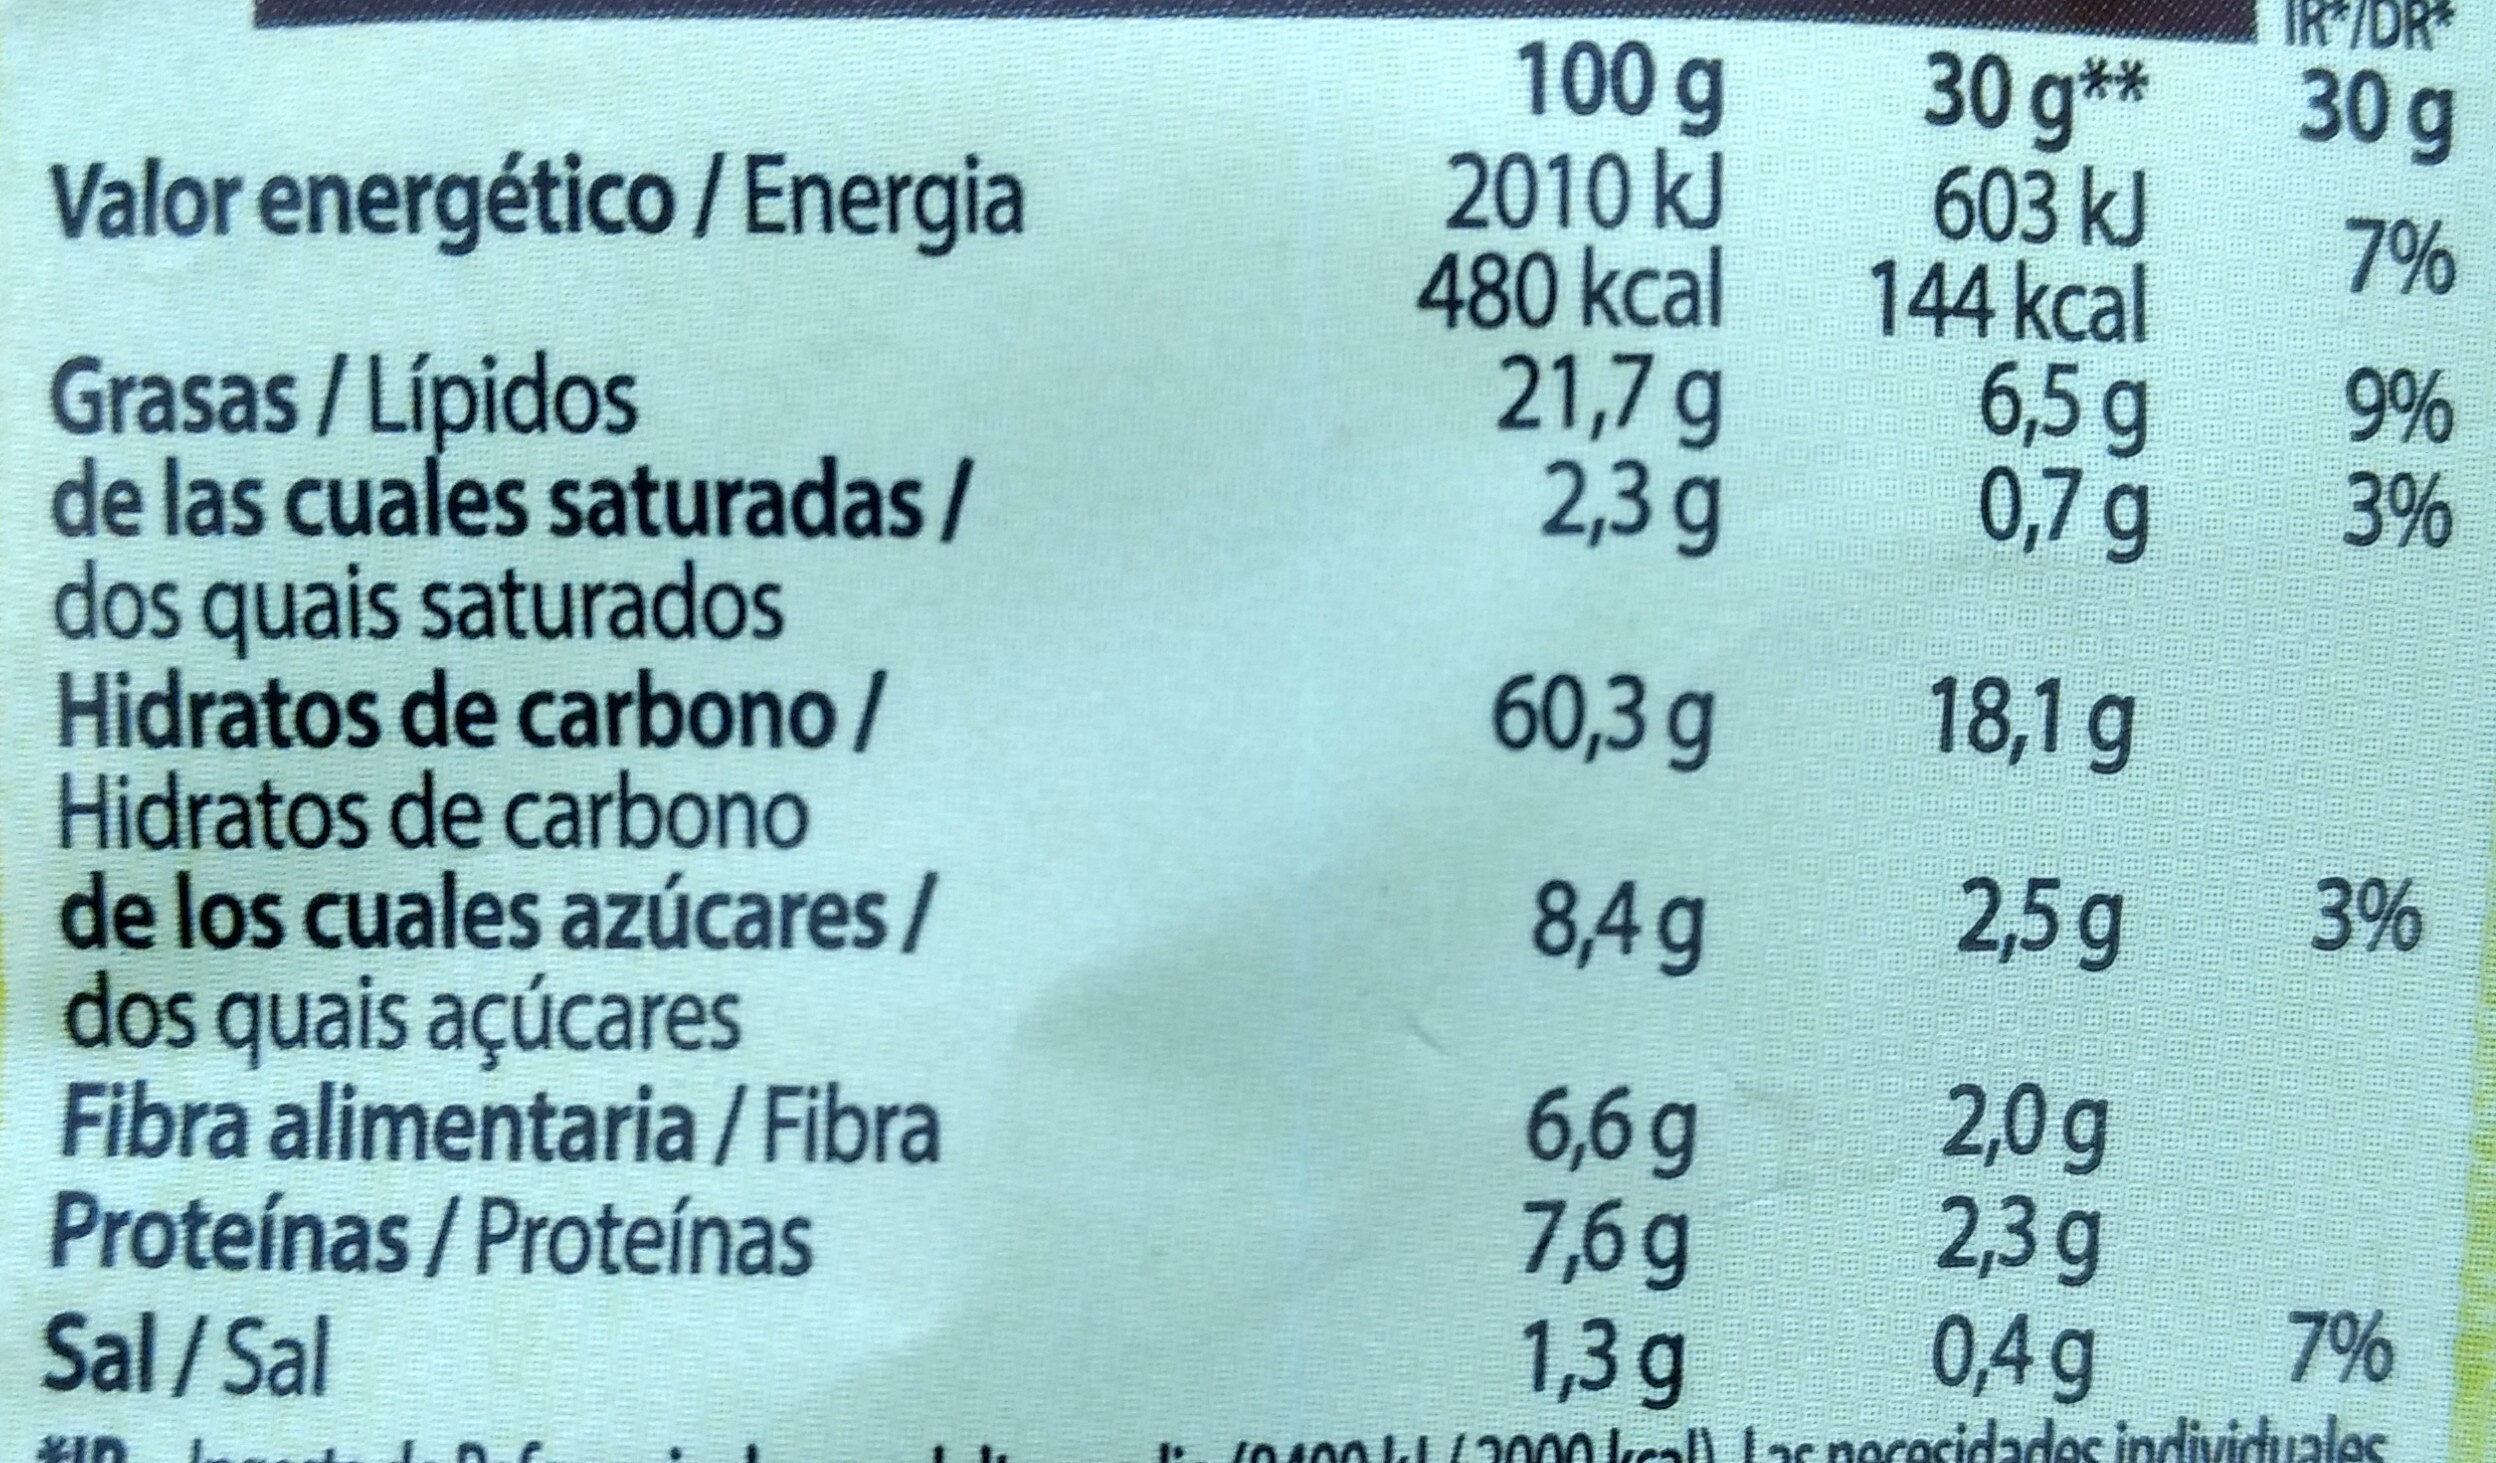 Snack ondulados de multicereales con sabor a Sour Cream bolsa 95 g - Informação nutricional - es